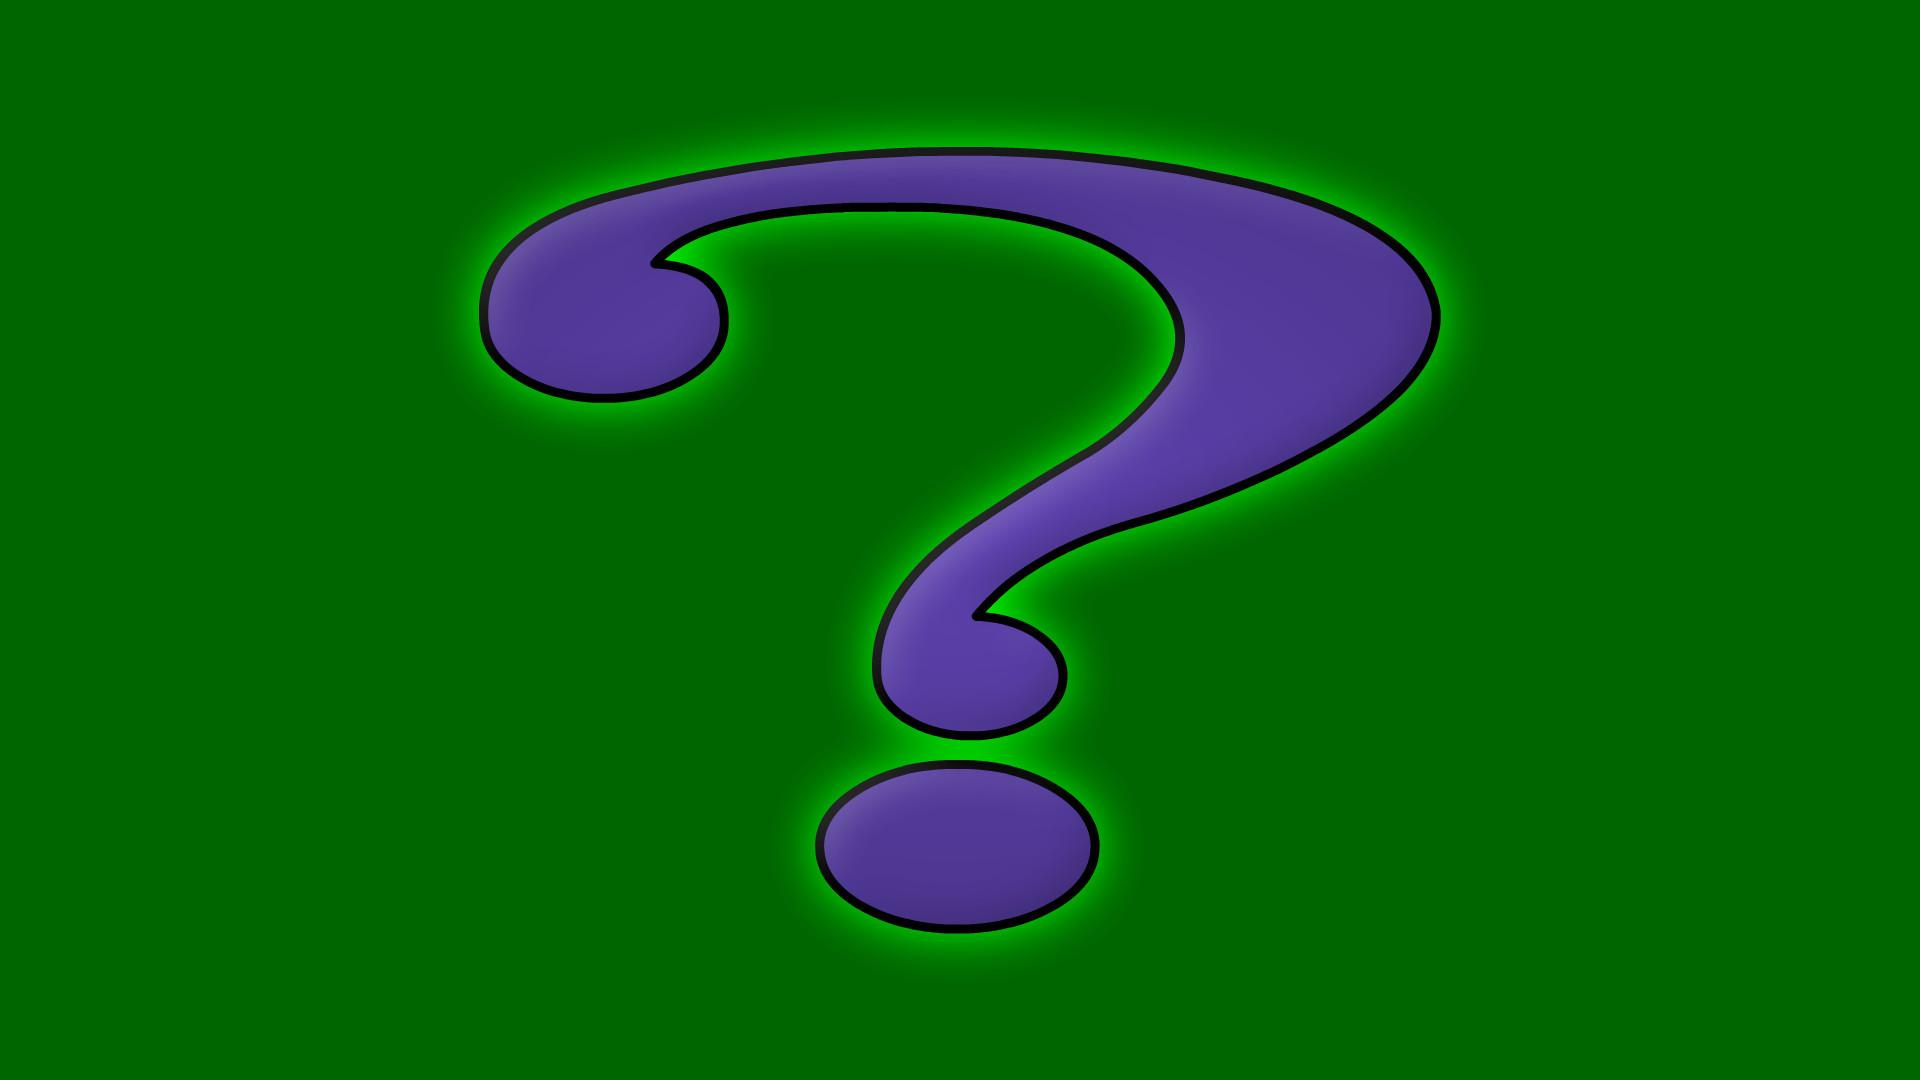 Filename: the_riddler_symbol_by_yurtigo-d8vqw4d.png